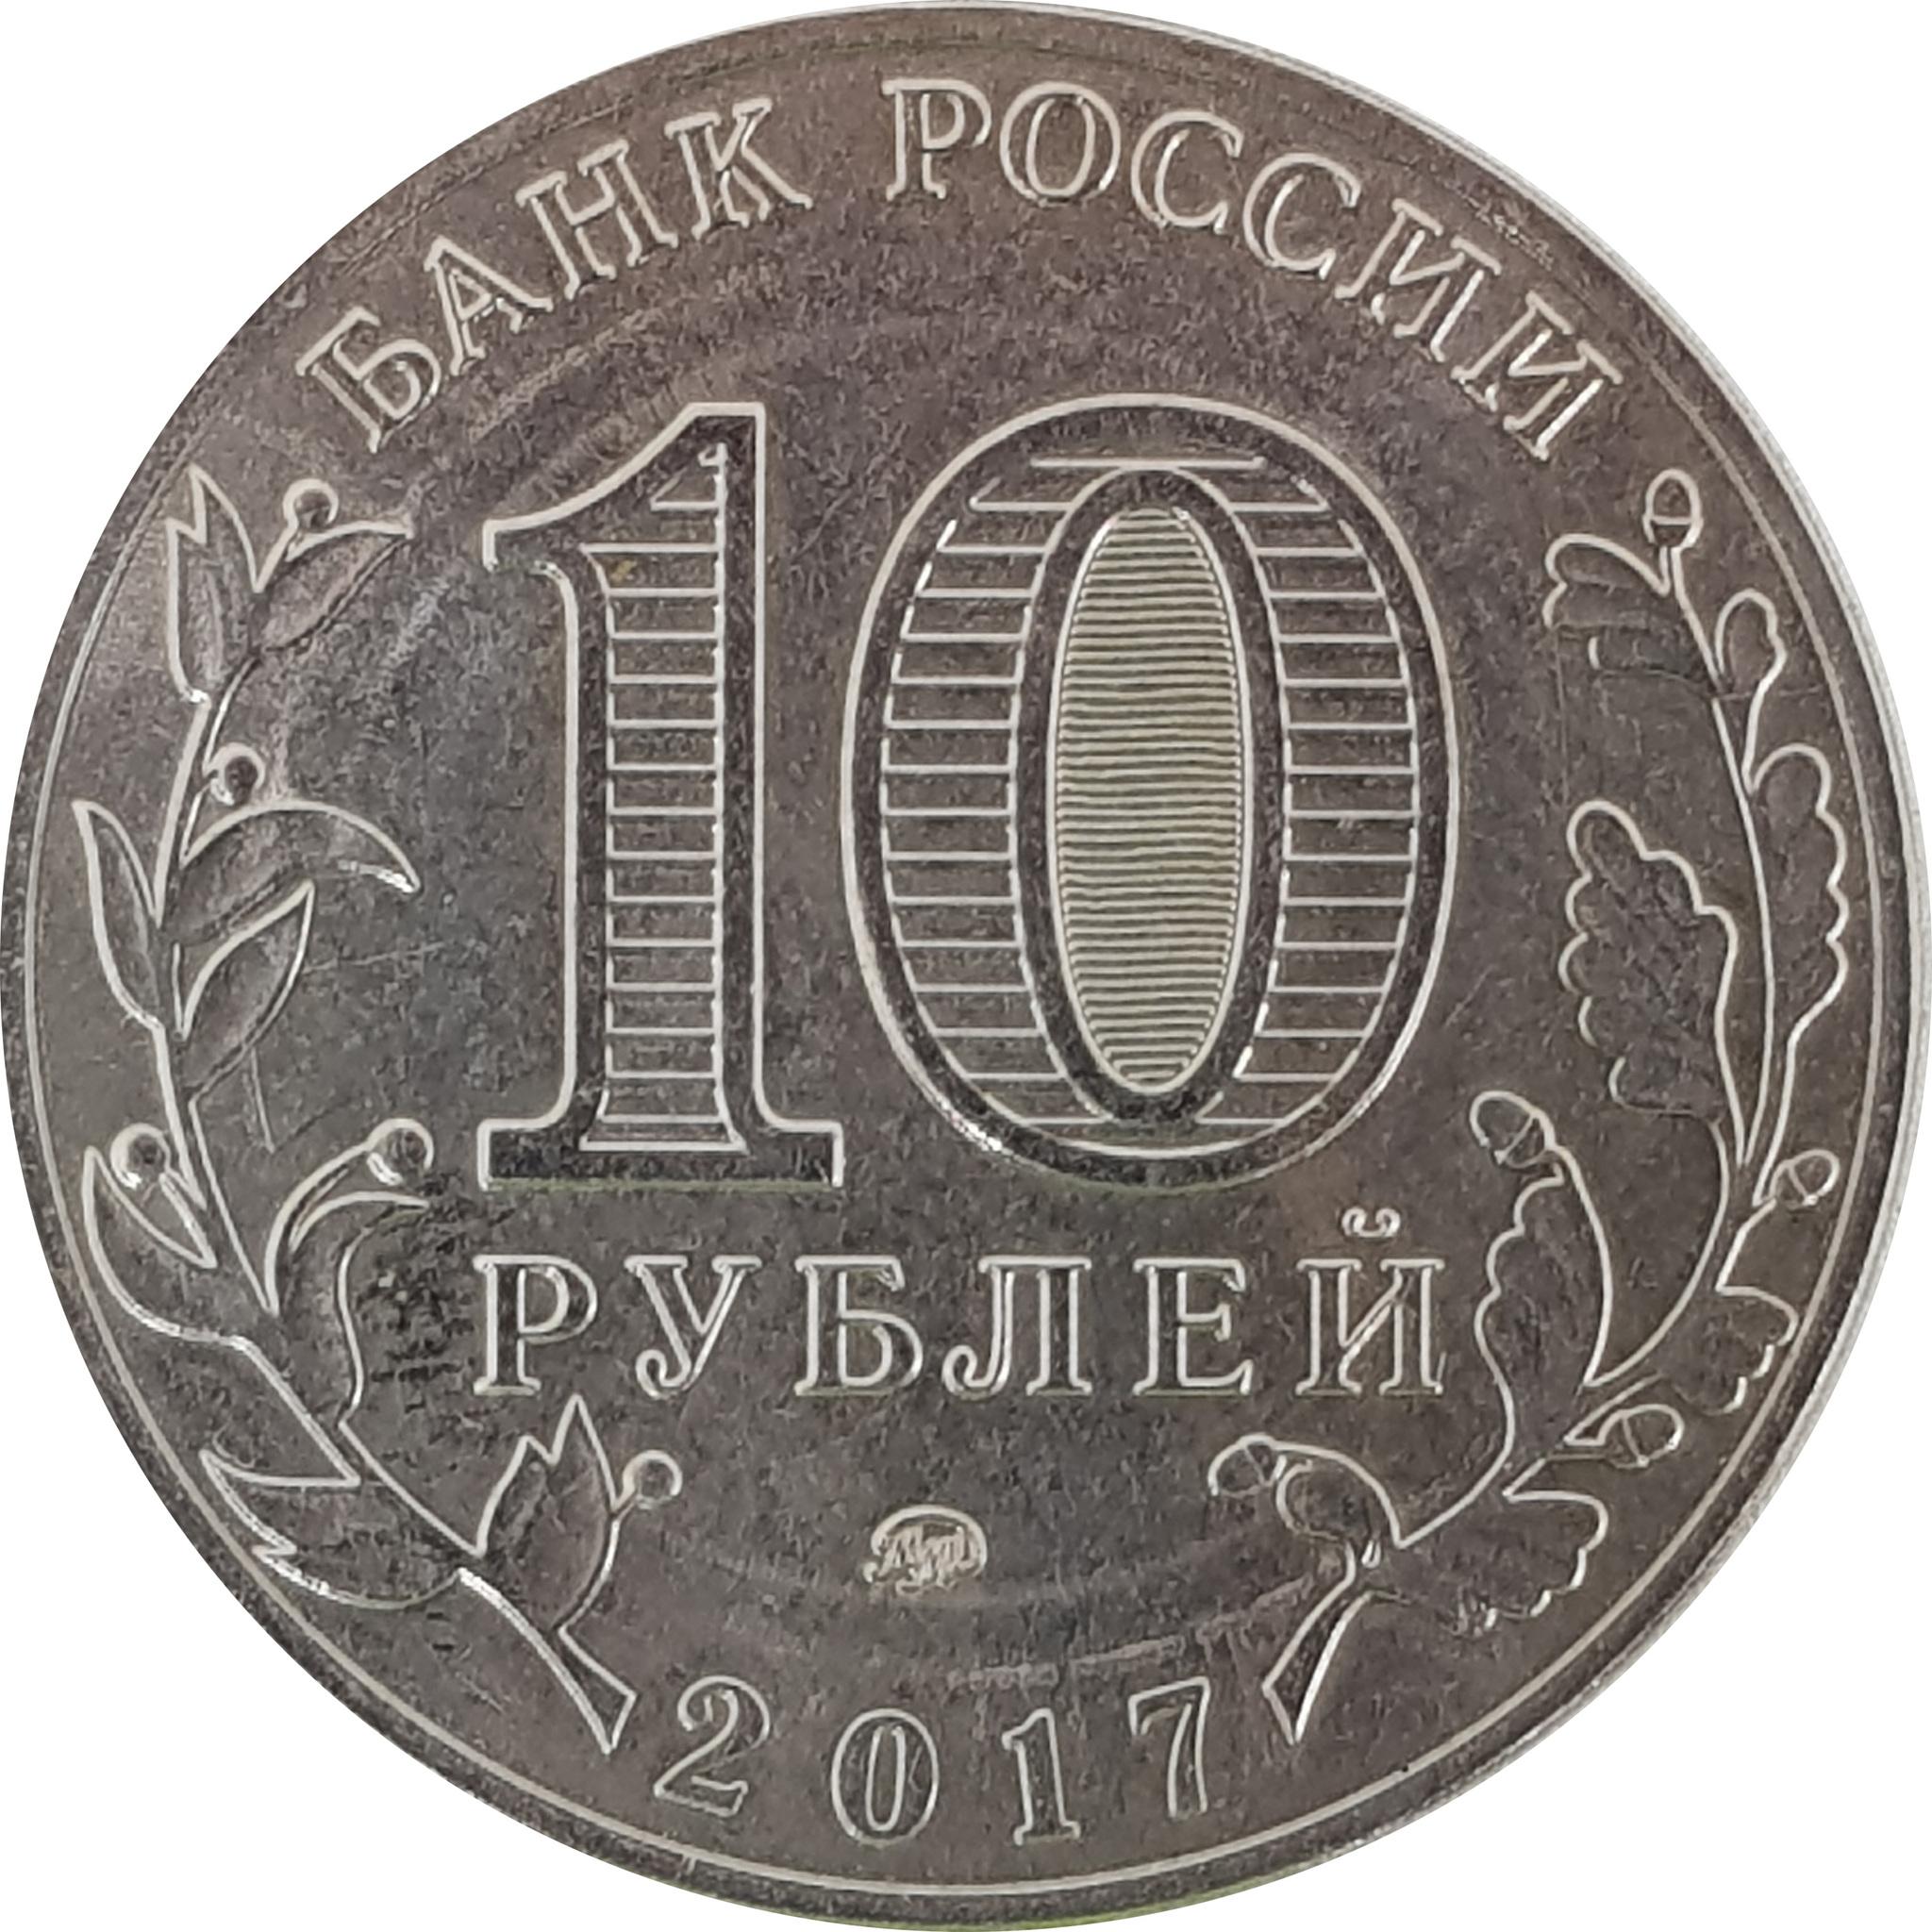 10 рублей 2017 года